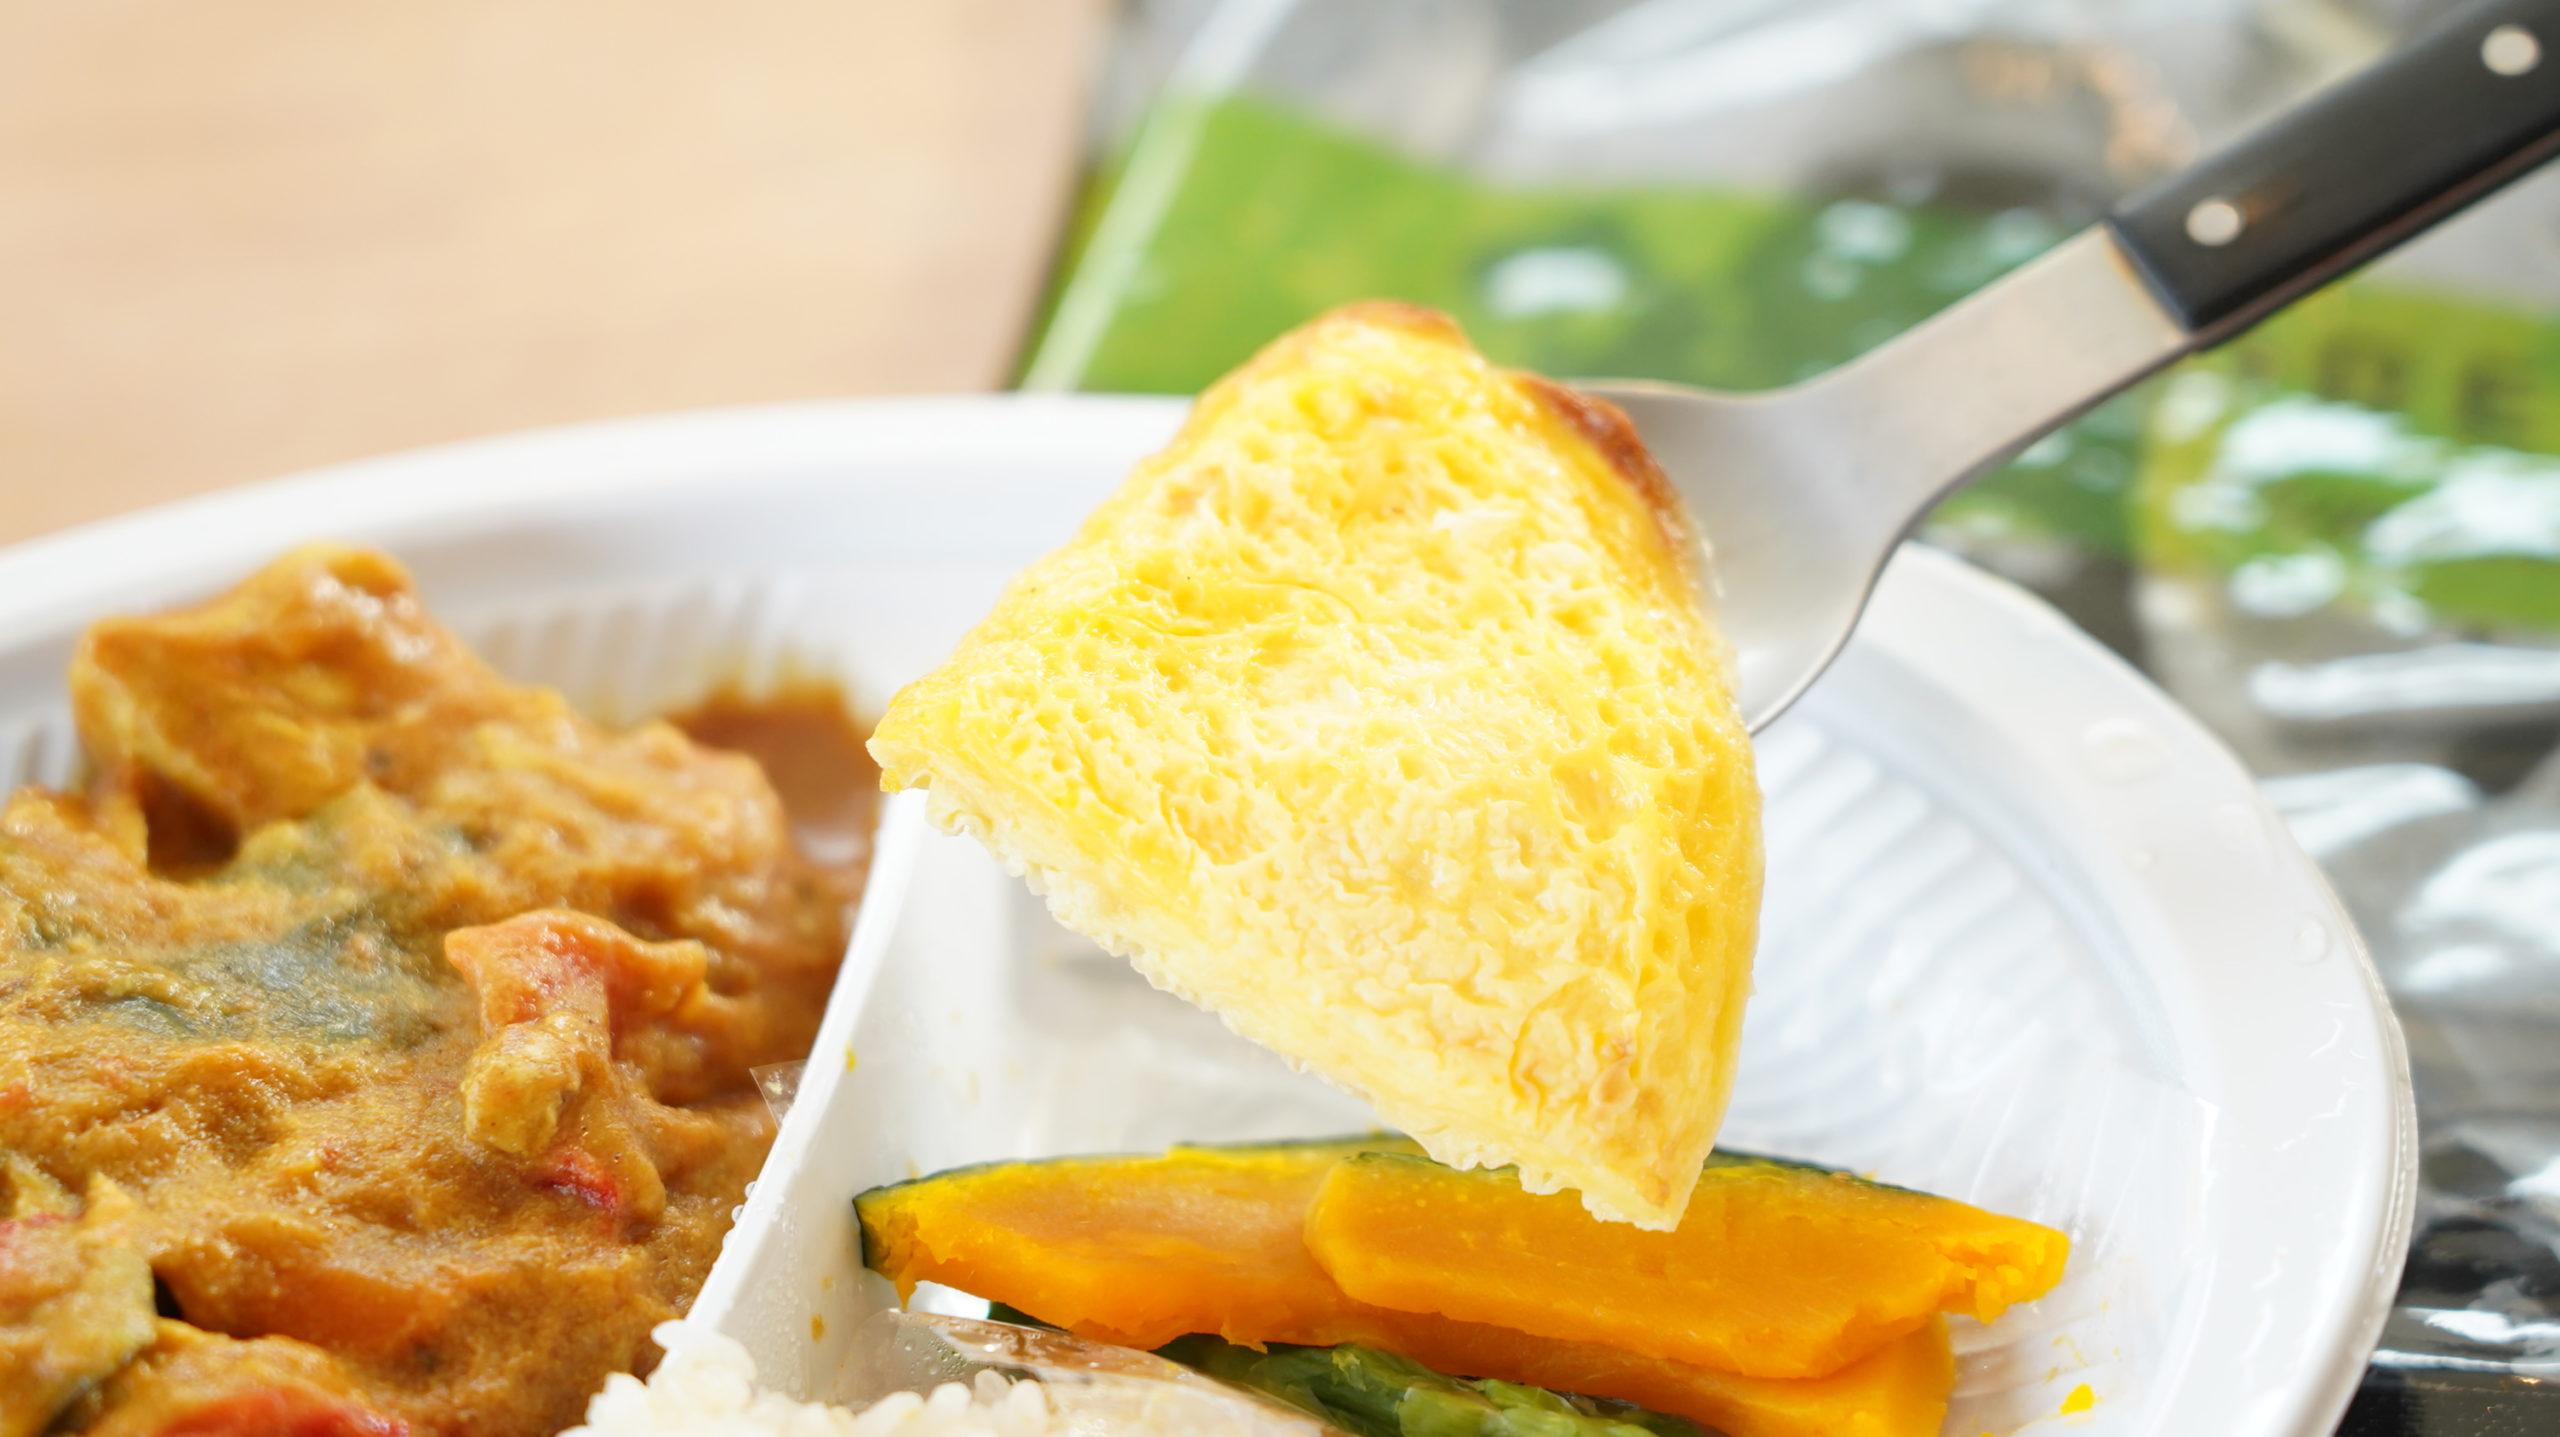 More than Deli(モアザンデリ)の冷凍弁当「鶏むね肉の野菜たっぷりカレー」の付け合わせの卵焼きの写真